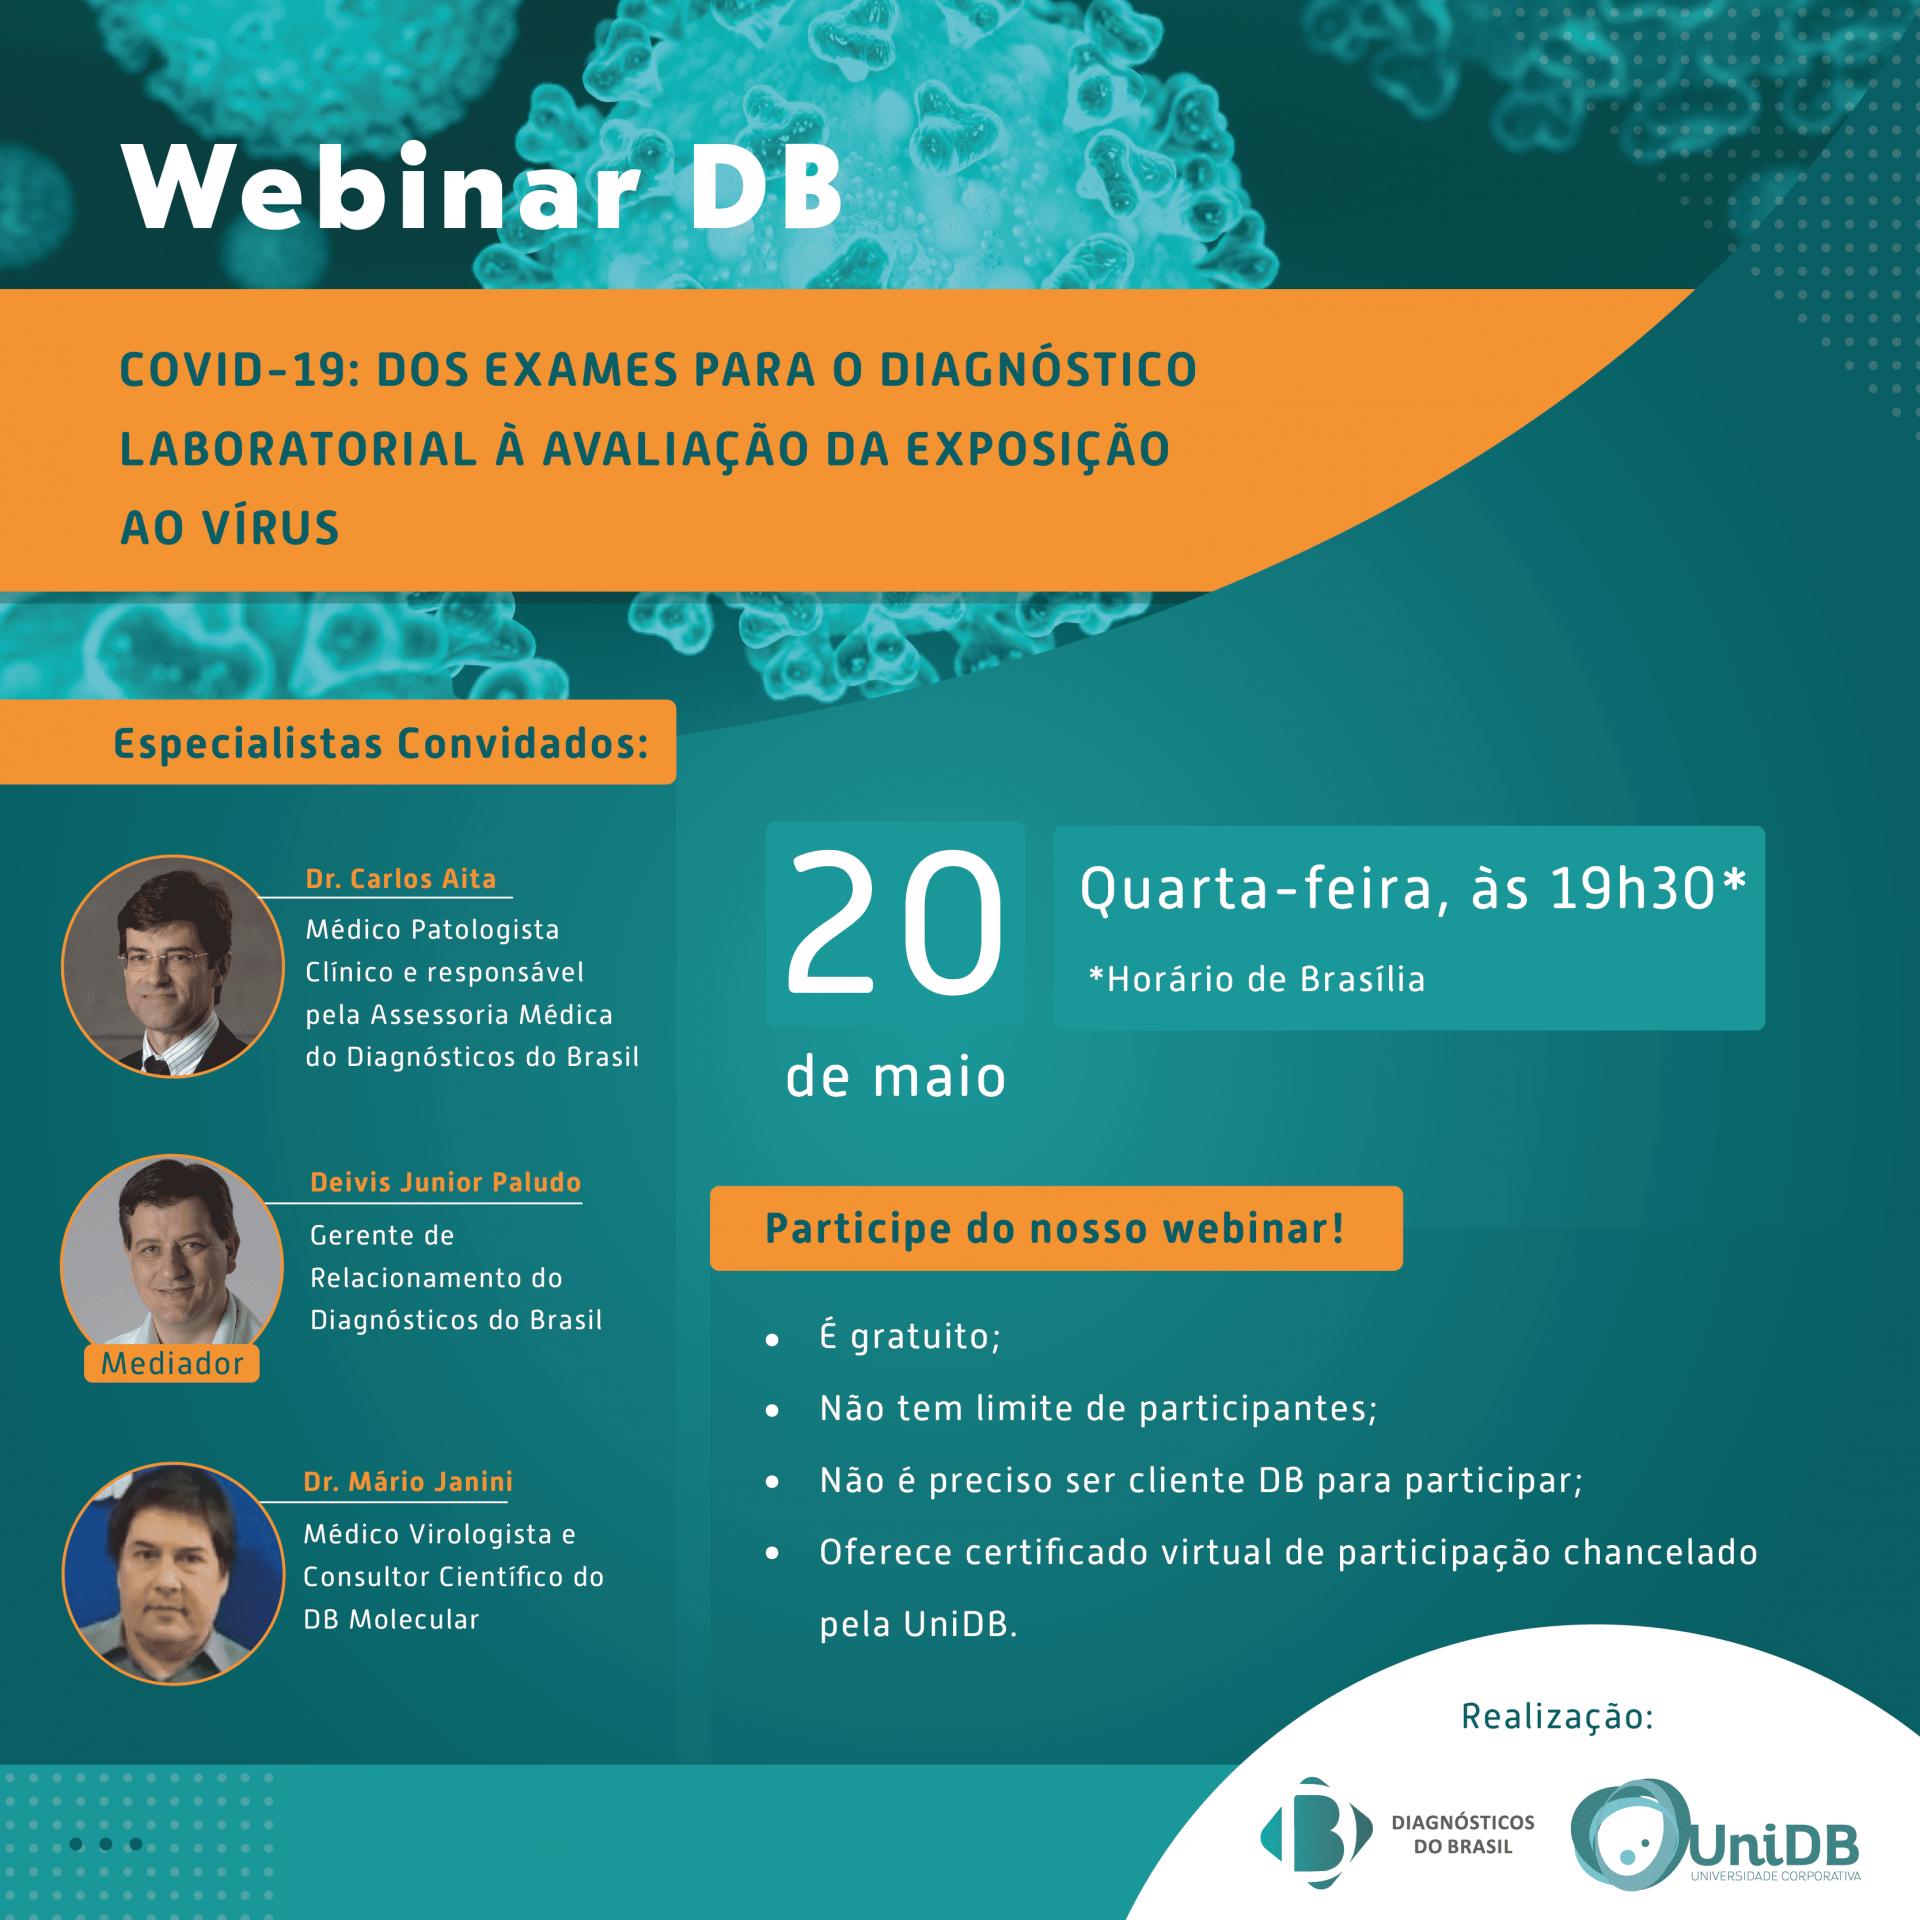 WEBINAR DB | COVID-19: dos Exames para o Diagnóstico Laboratorial a Avaliação da Exposição ao Vírus | Diagnósticos do Brasil